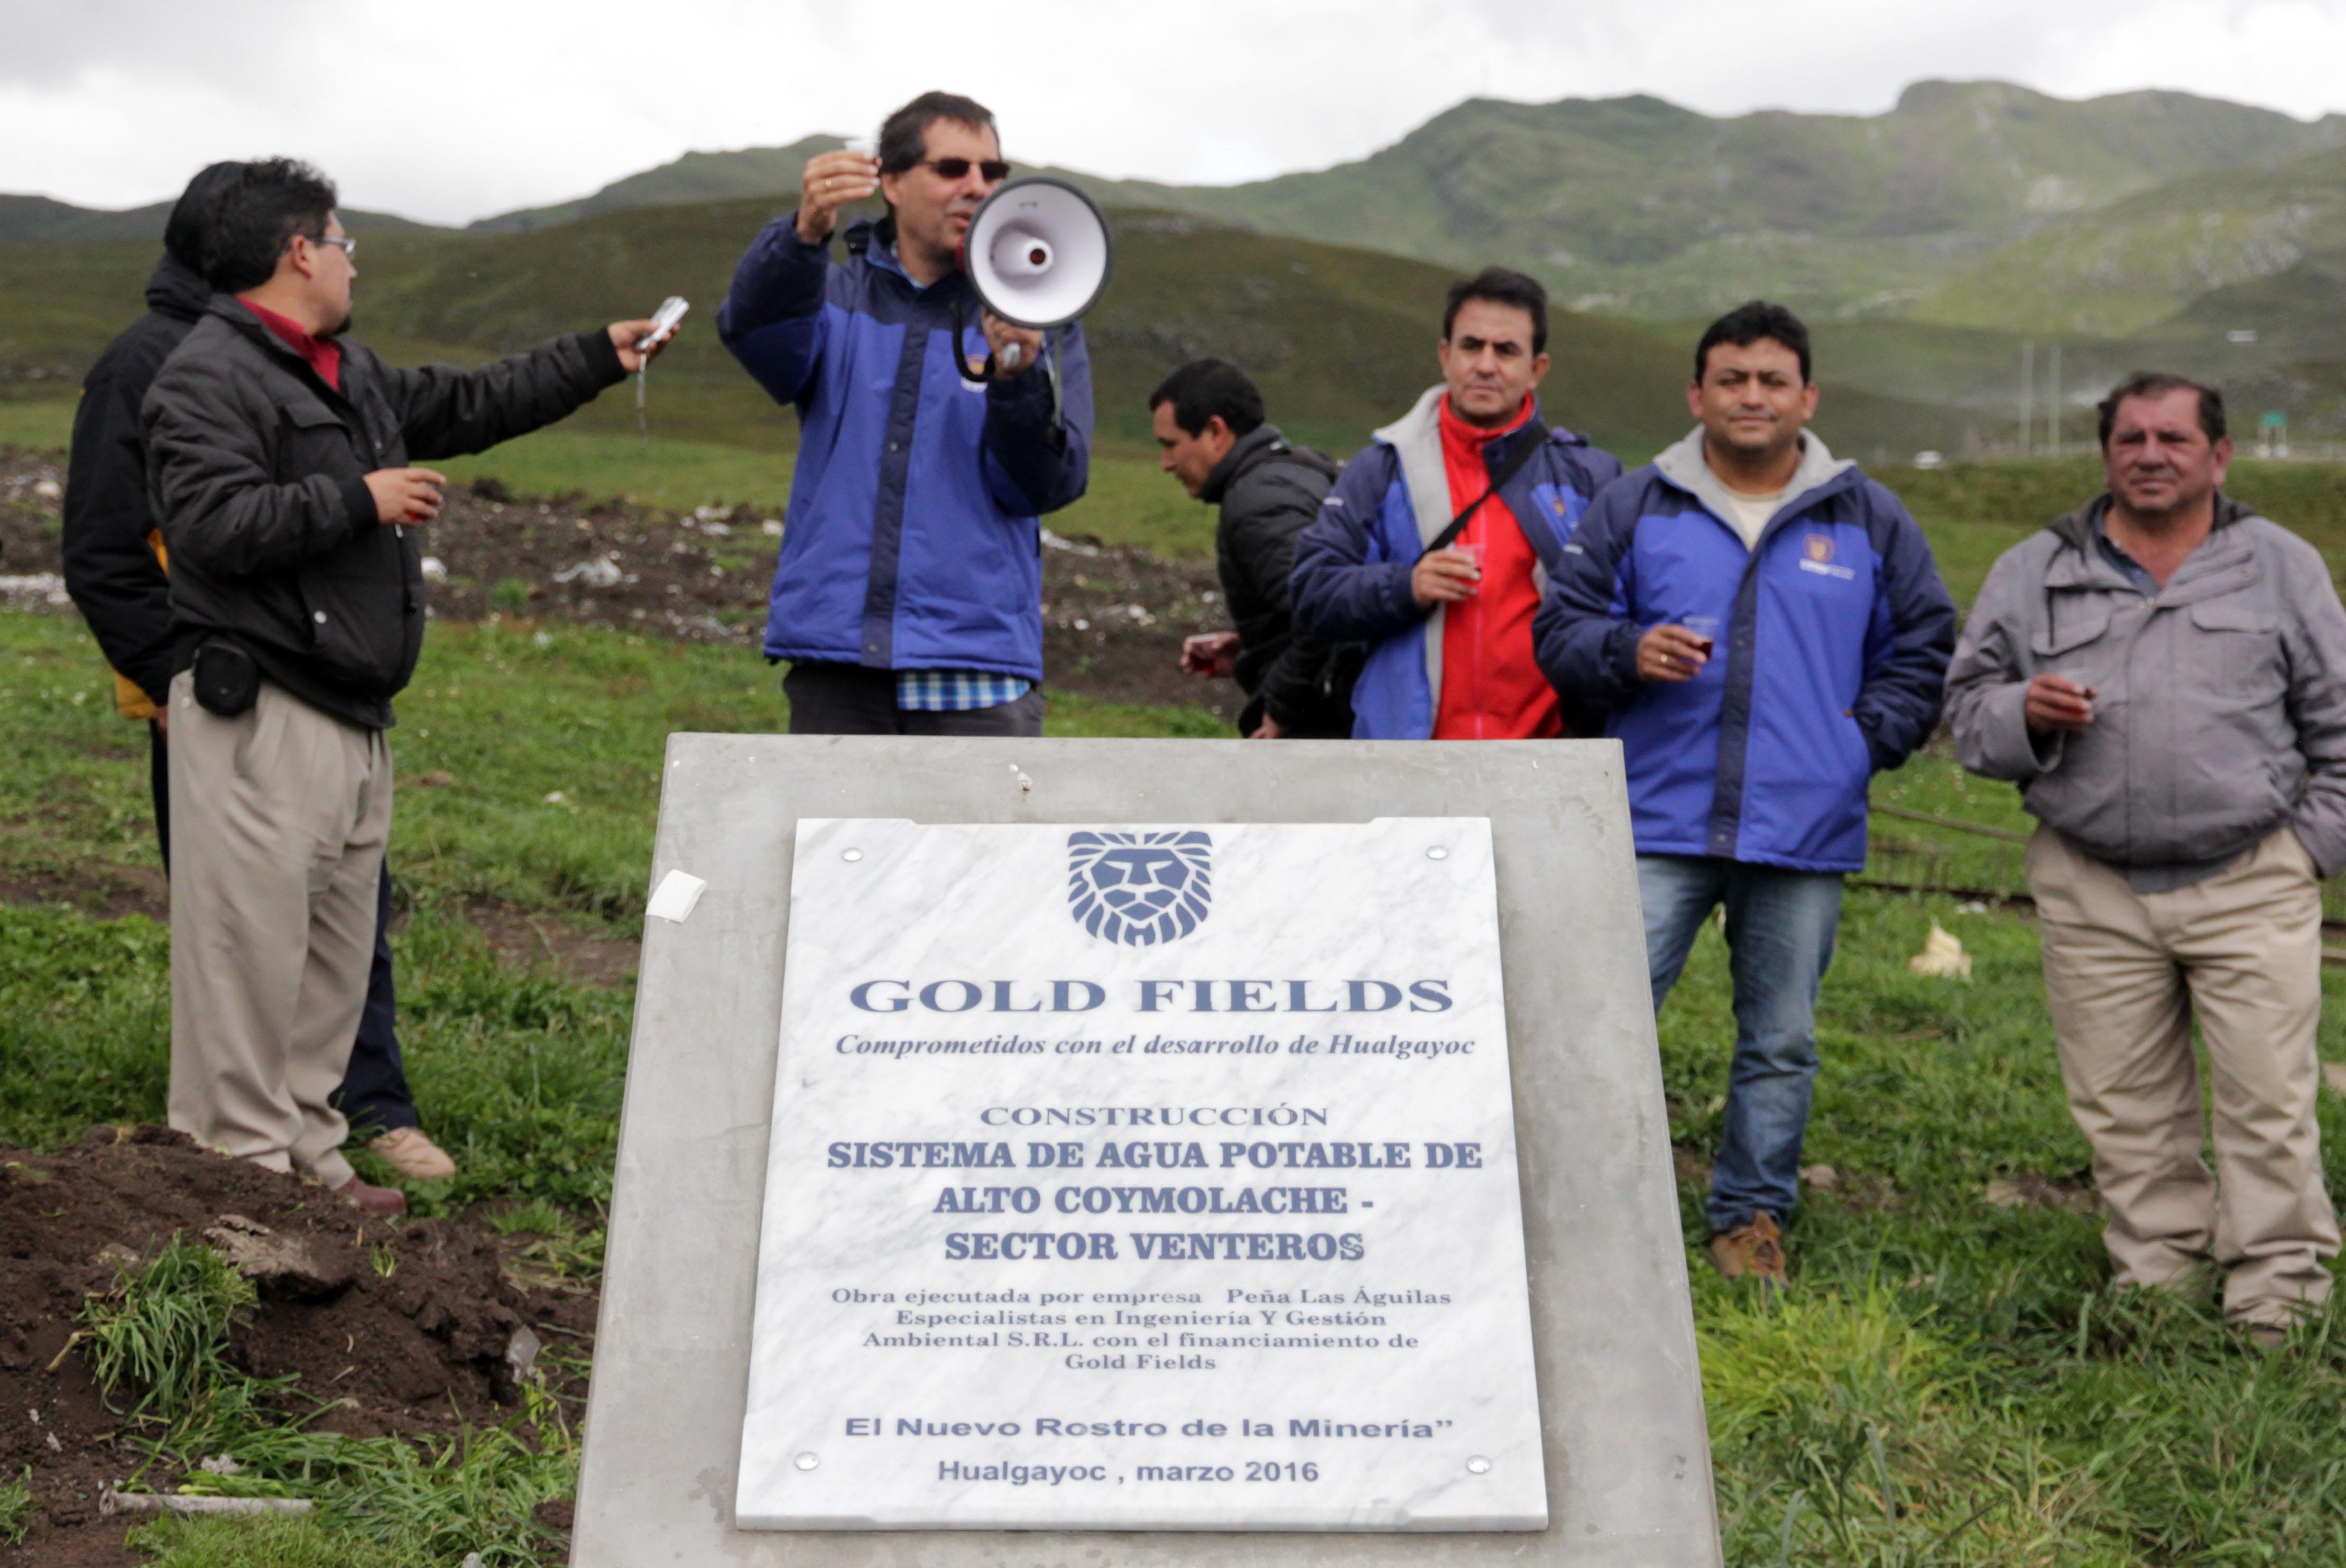 Foto: Gold Fields